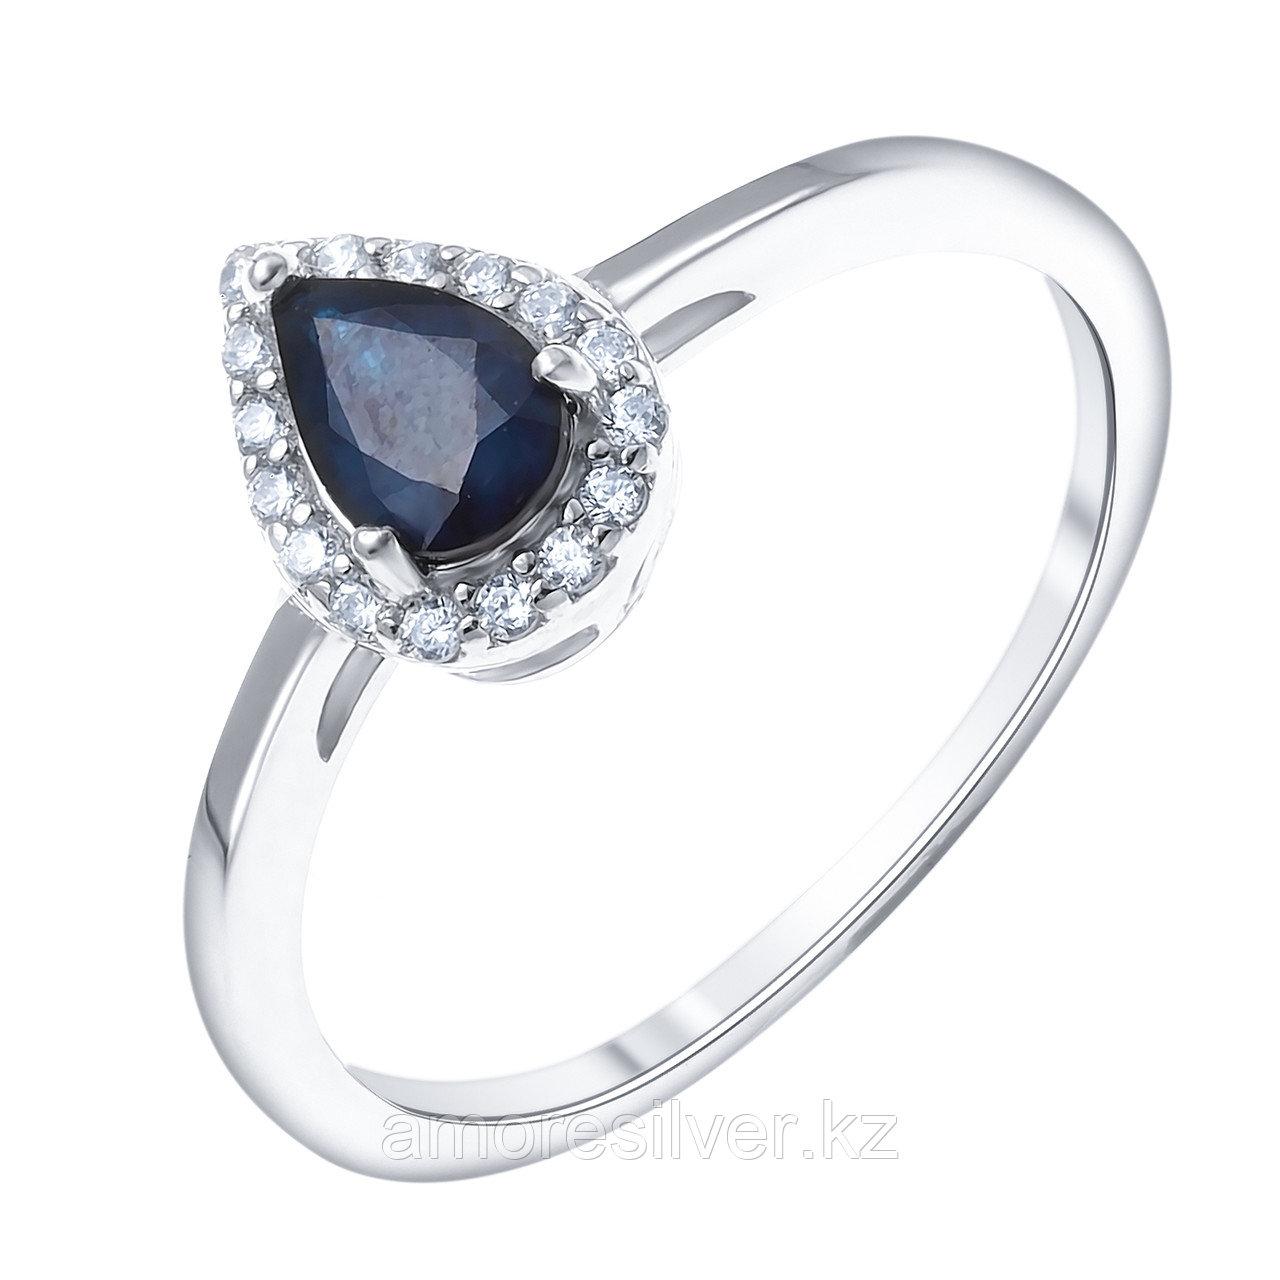 """Кольцо Teosa серебро с родием, топаз белый сапфир нат. (u), , """"halo"""" R-DRGR00906-SP-T размеры - 16,5"""